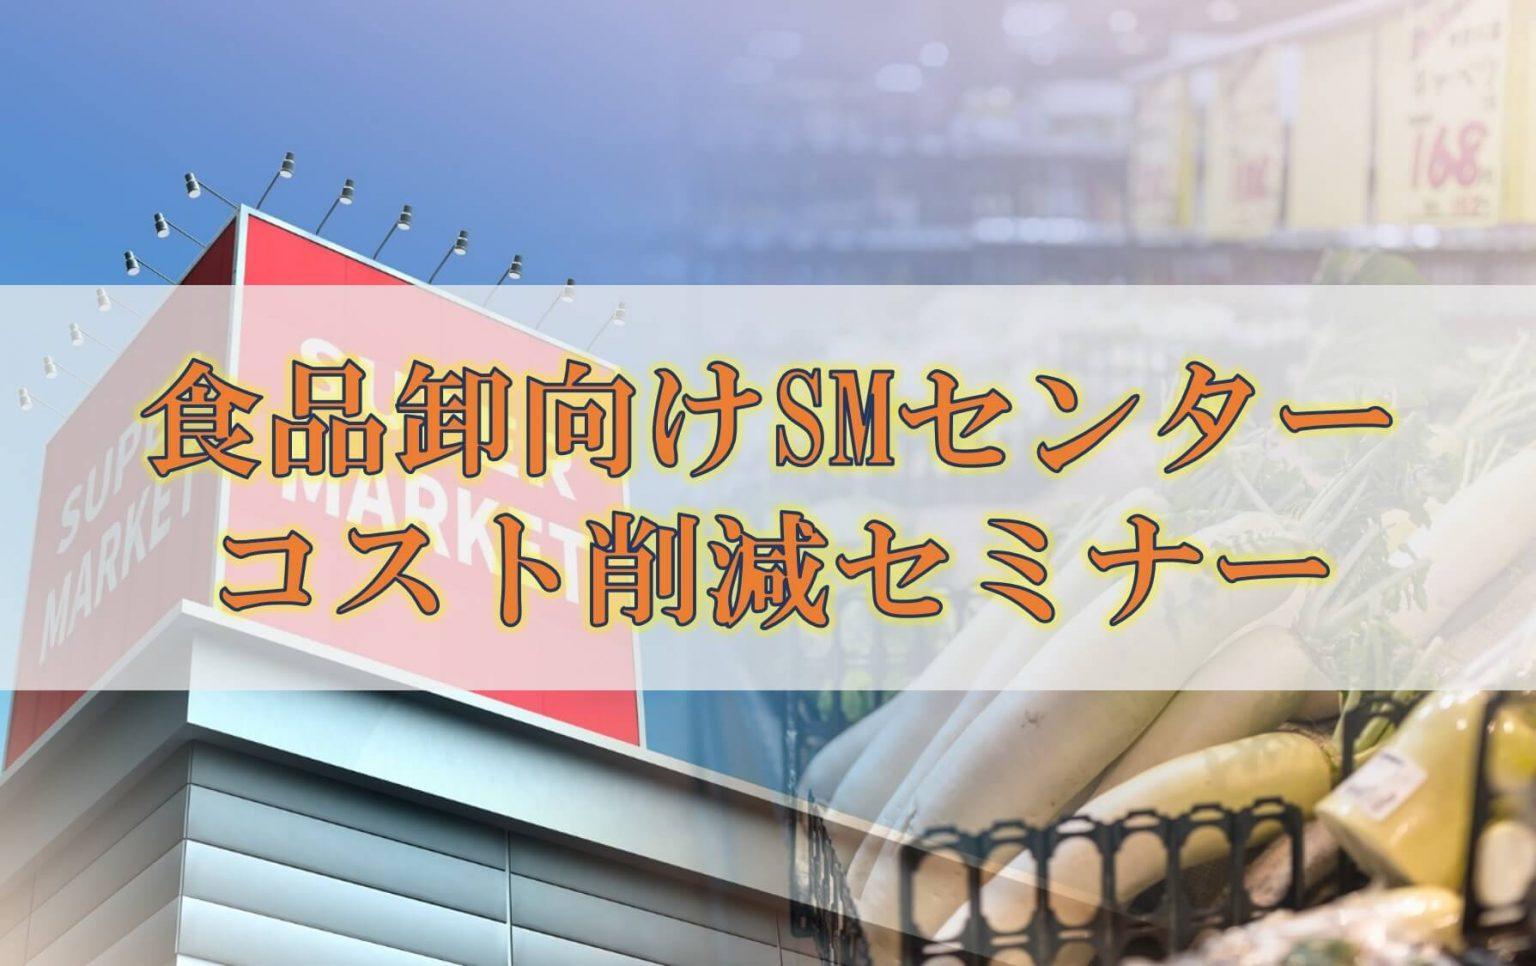 船井総研ロジ株式会社「食品卸向けSMセンターコスト削減セミナー」